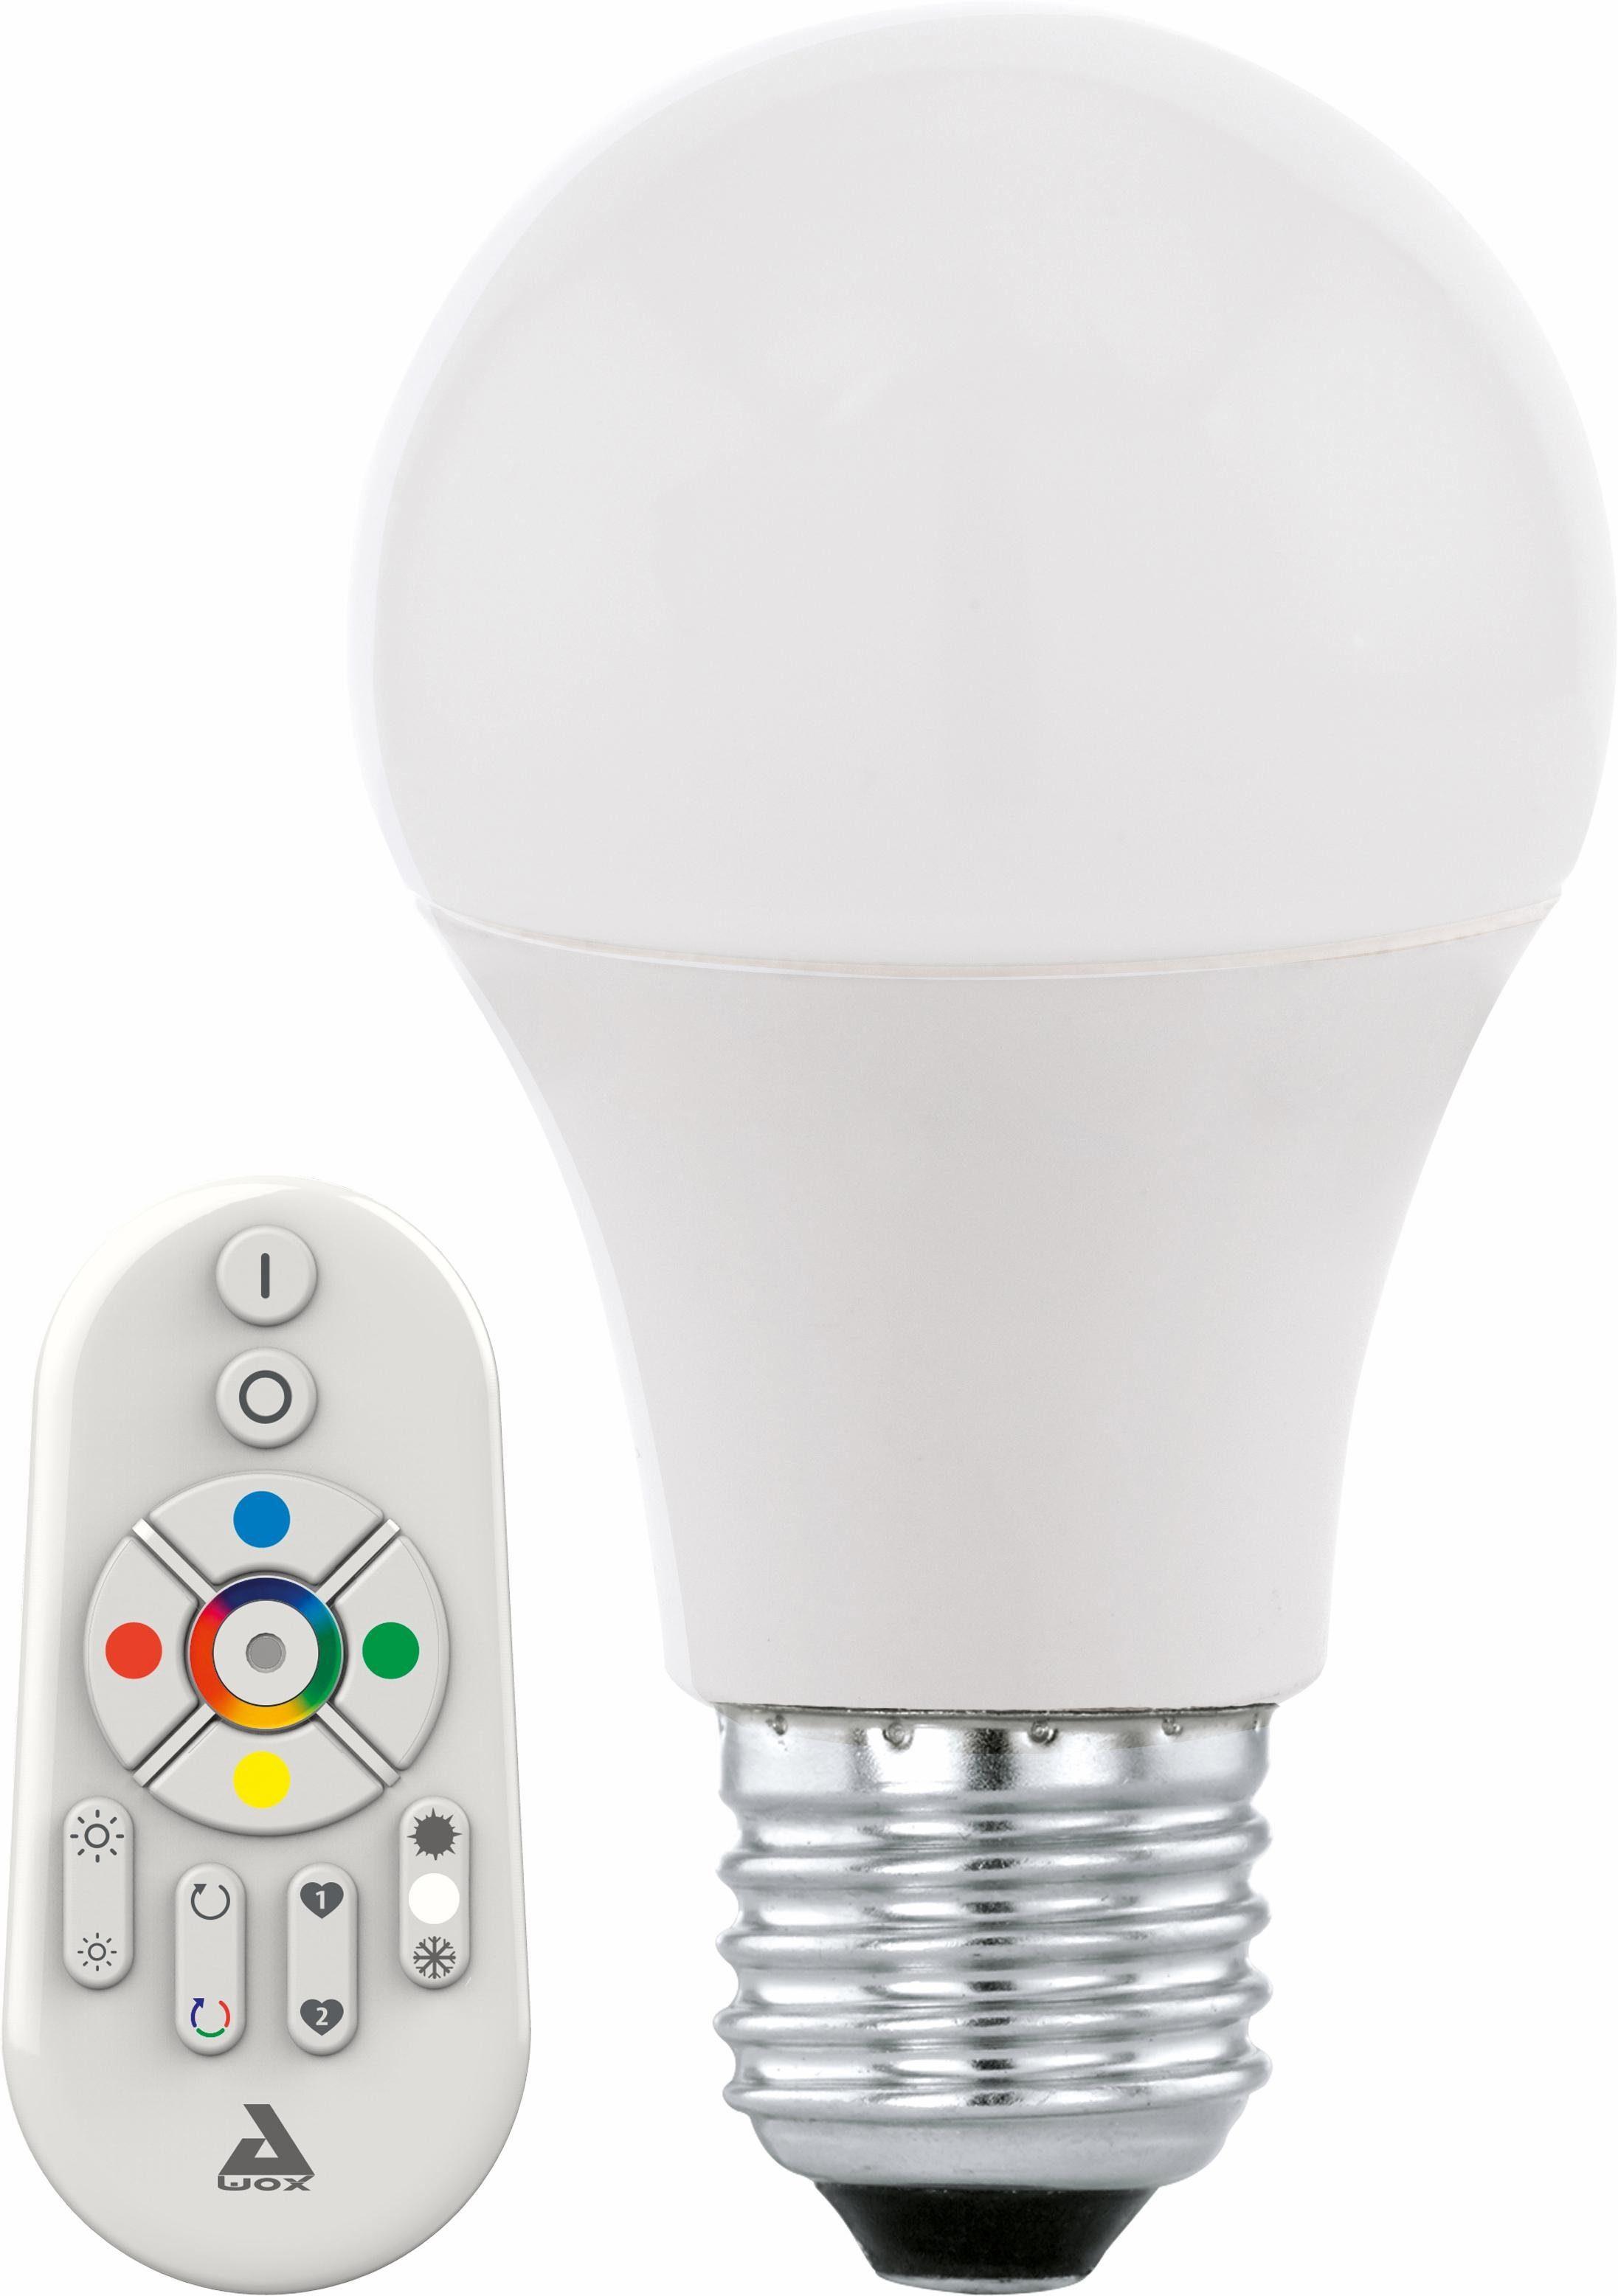 EGLO »Eglo CONNECT« LED-Leuchtmittel, E27, 2 Stück, Warmweiß, Neutralweiß, Farbwechsler, Tageslichtweiß, CCT-Lichtsteuerung